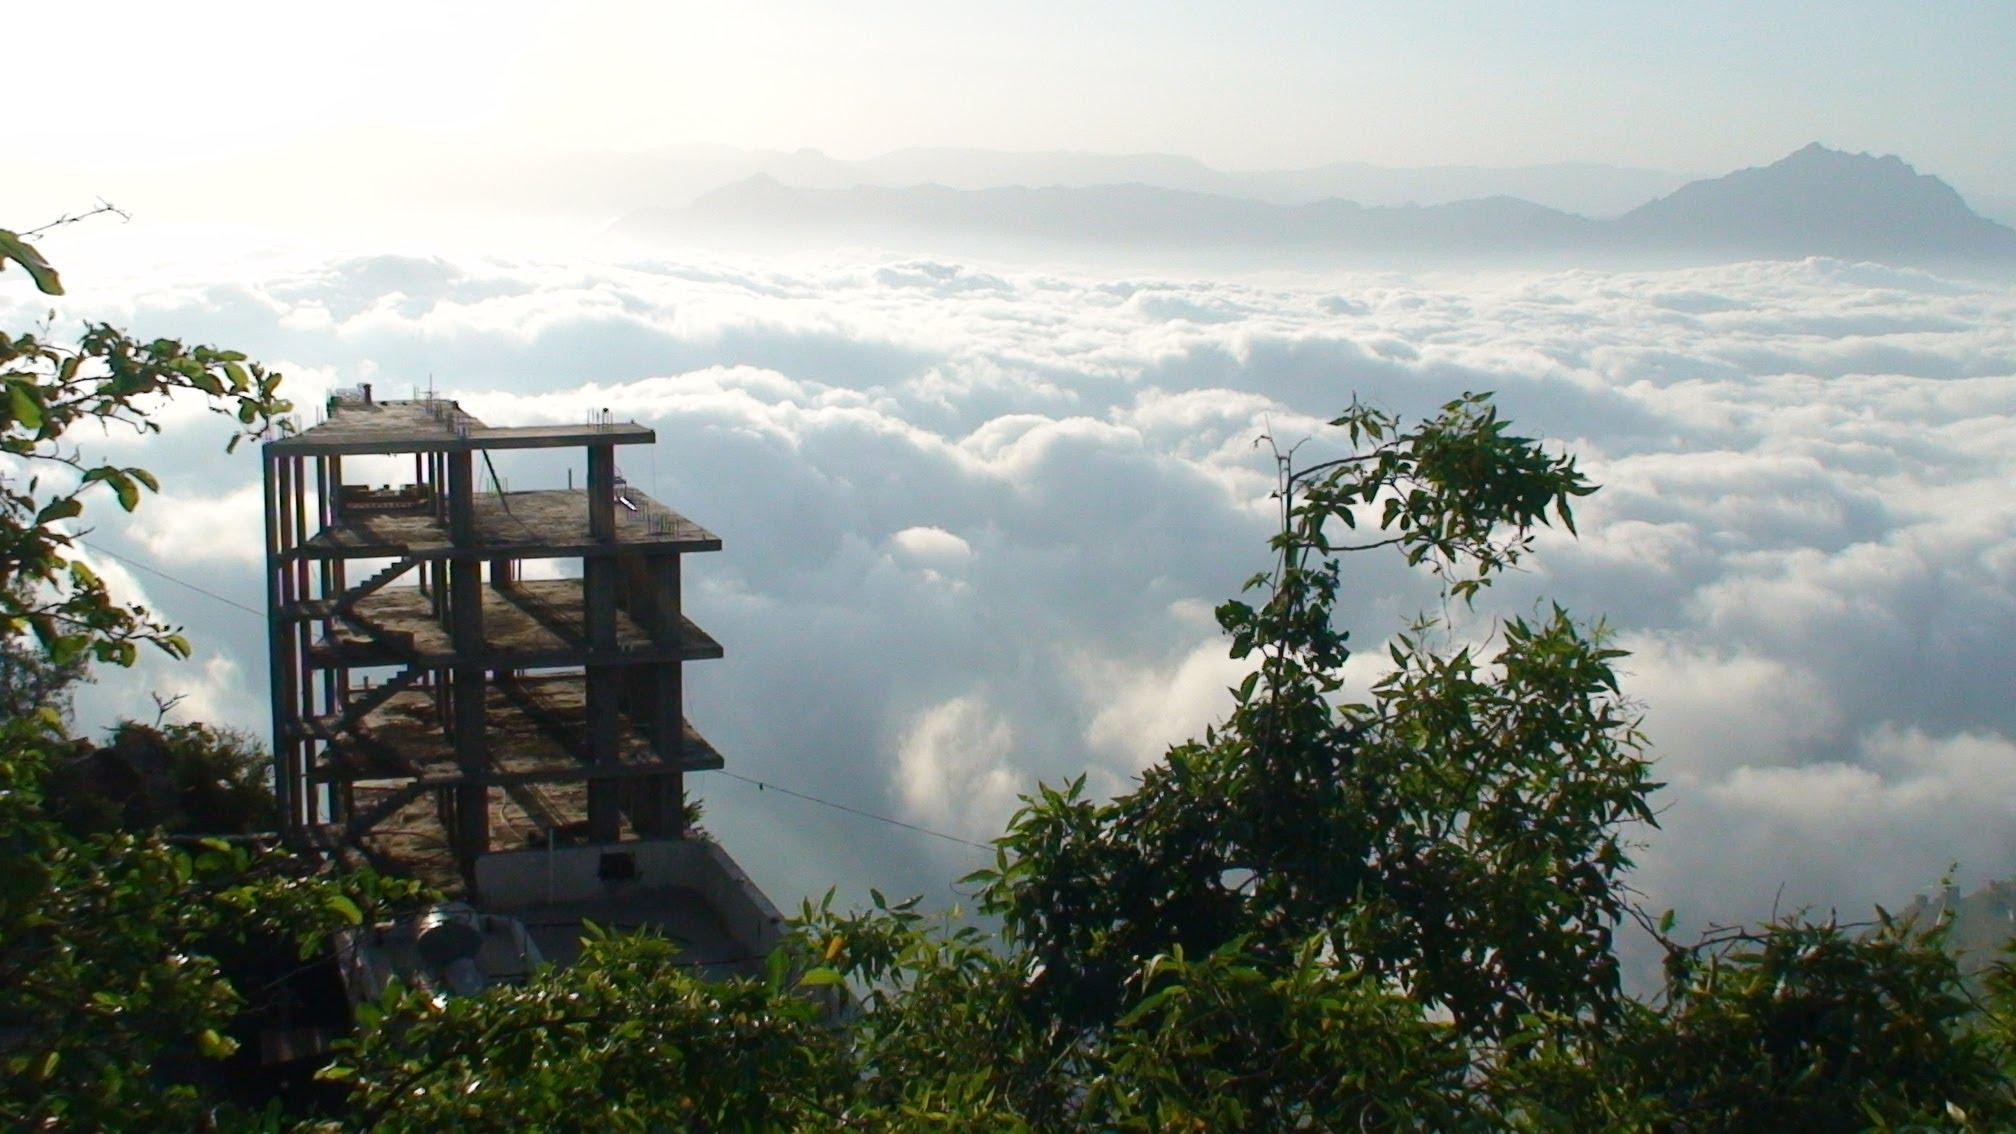 حدائق معلقة في جبال فيفاء